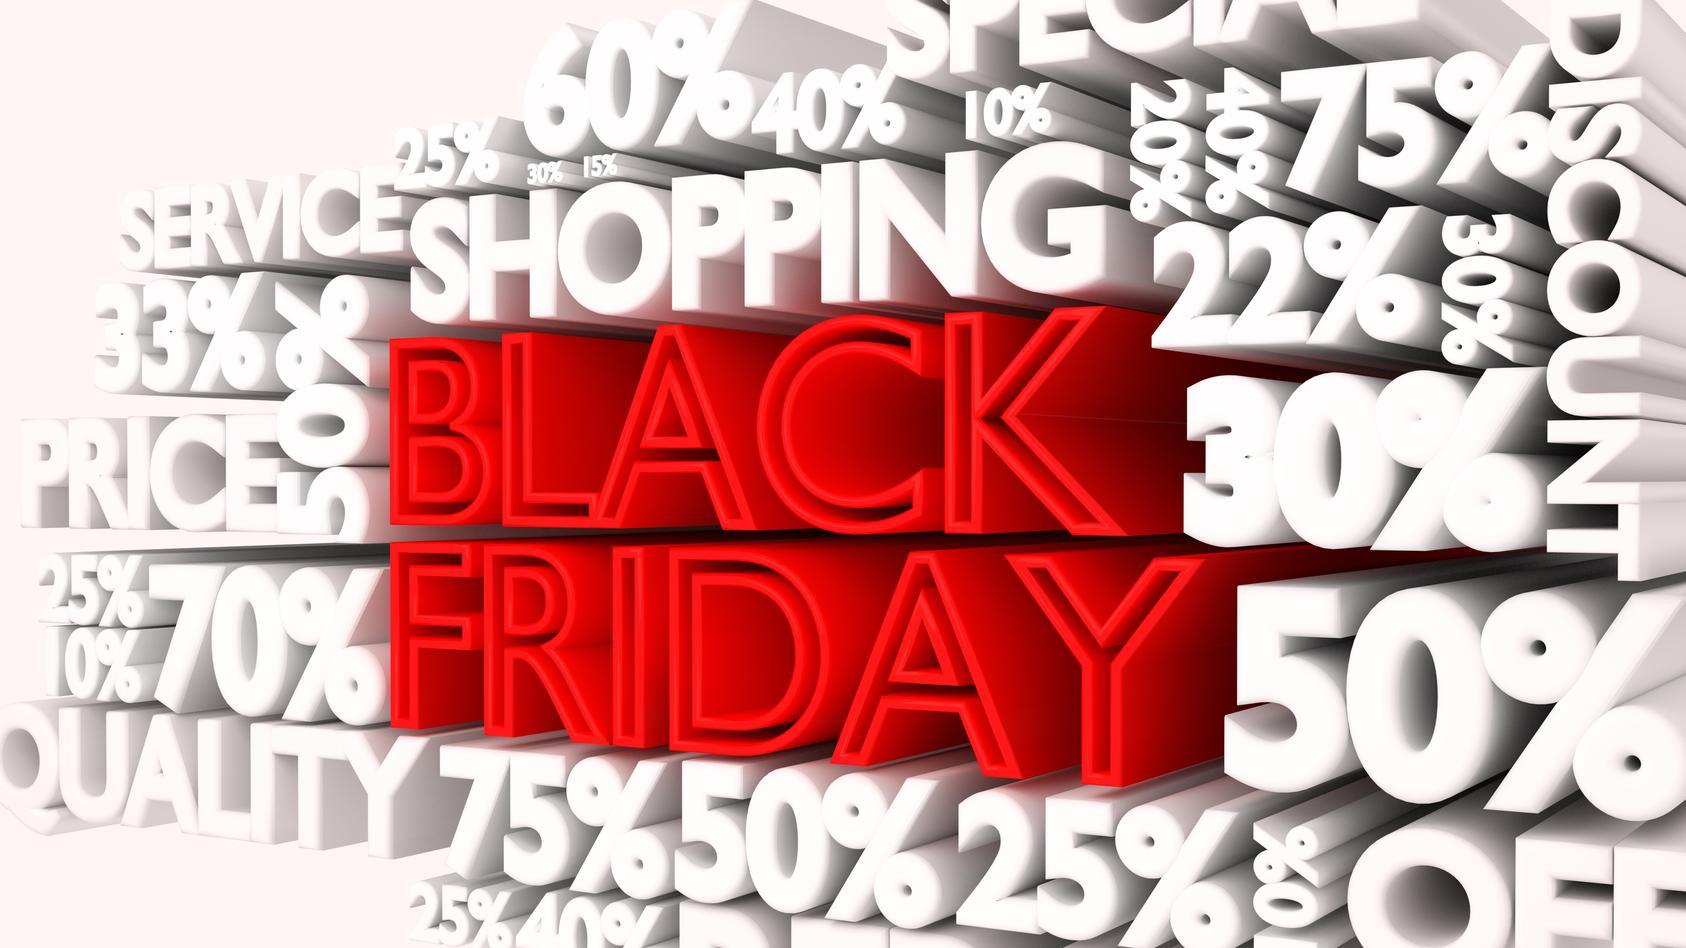 Viele Läden und Shoppingportale werben für den Black Friday mit satten Rabatten.